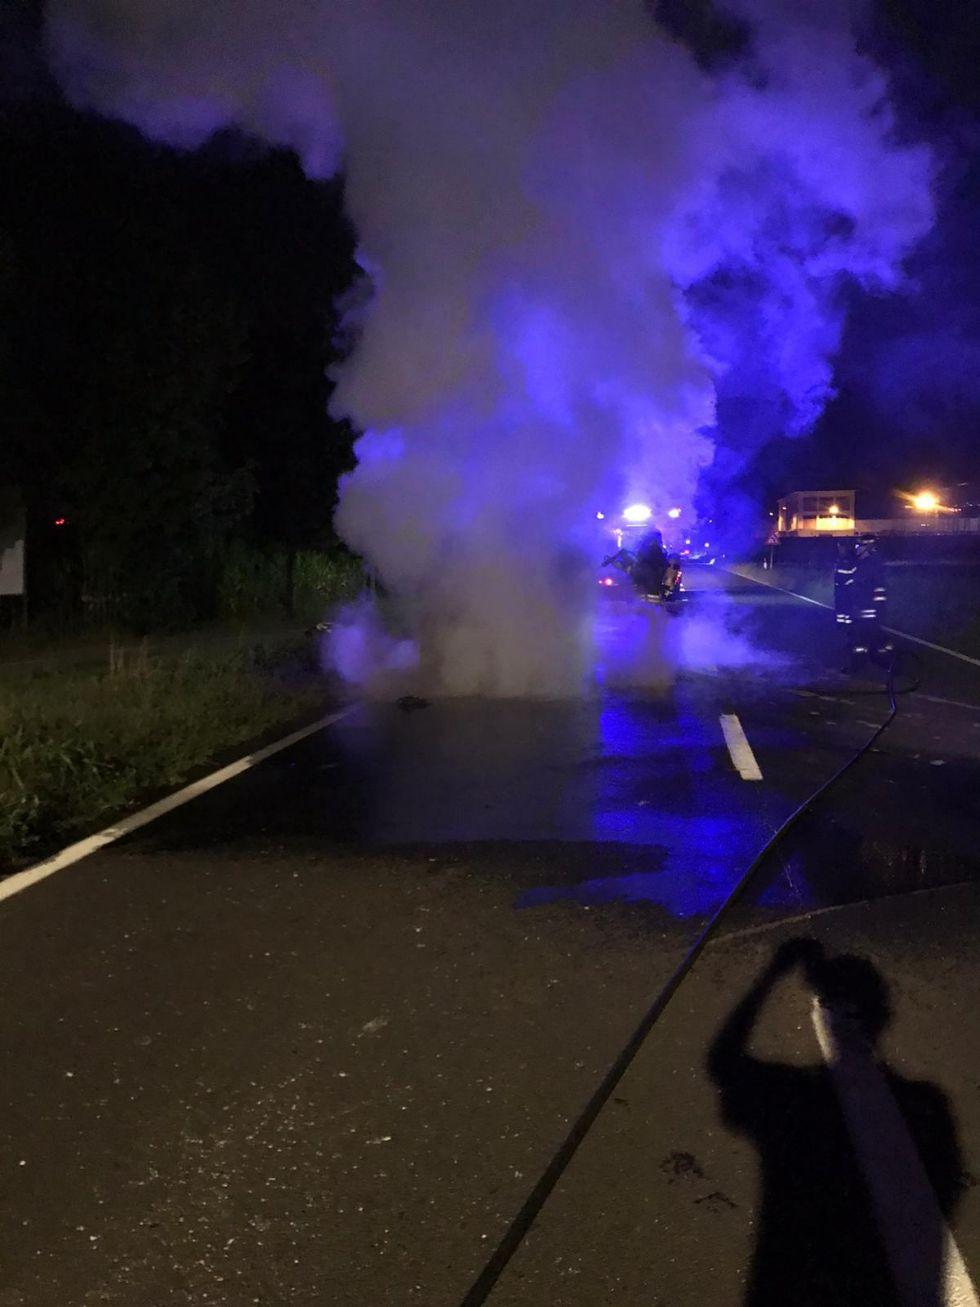 BORGARO - Auto distrutta dalle fiamme mentre era in marcia in via Santa Cristina